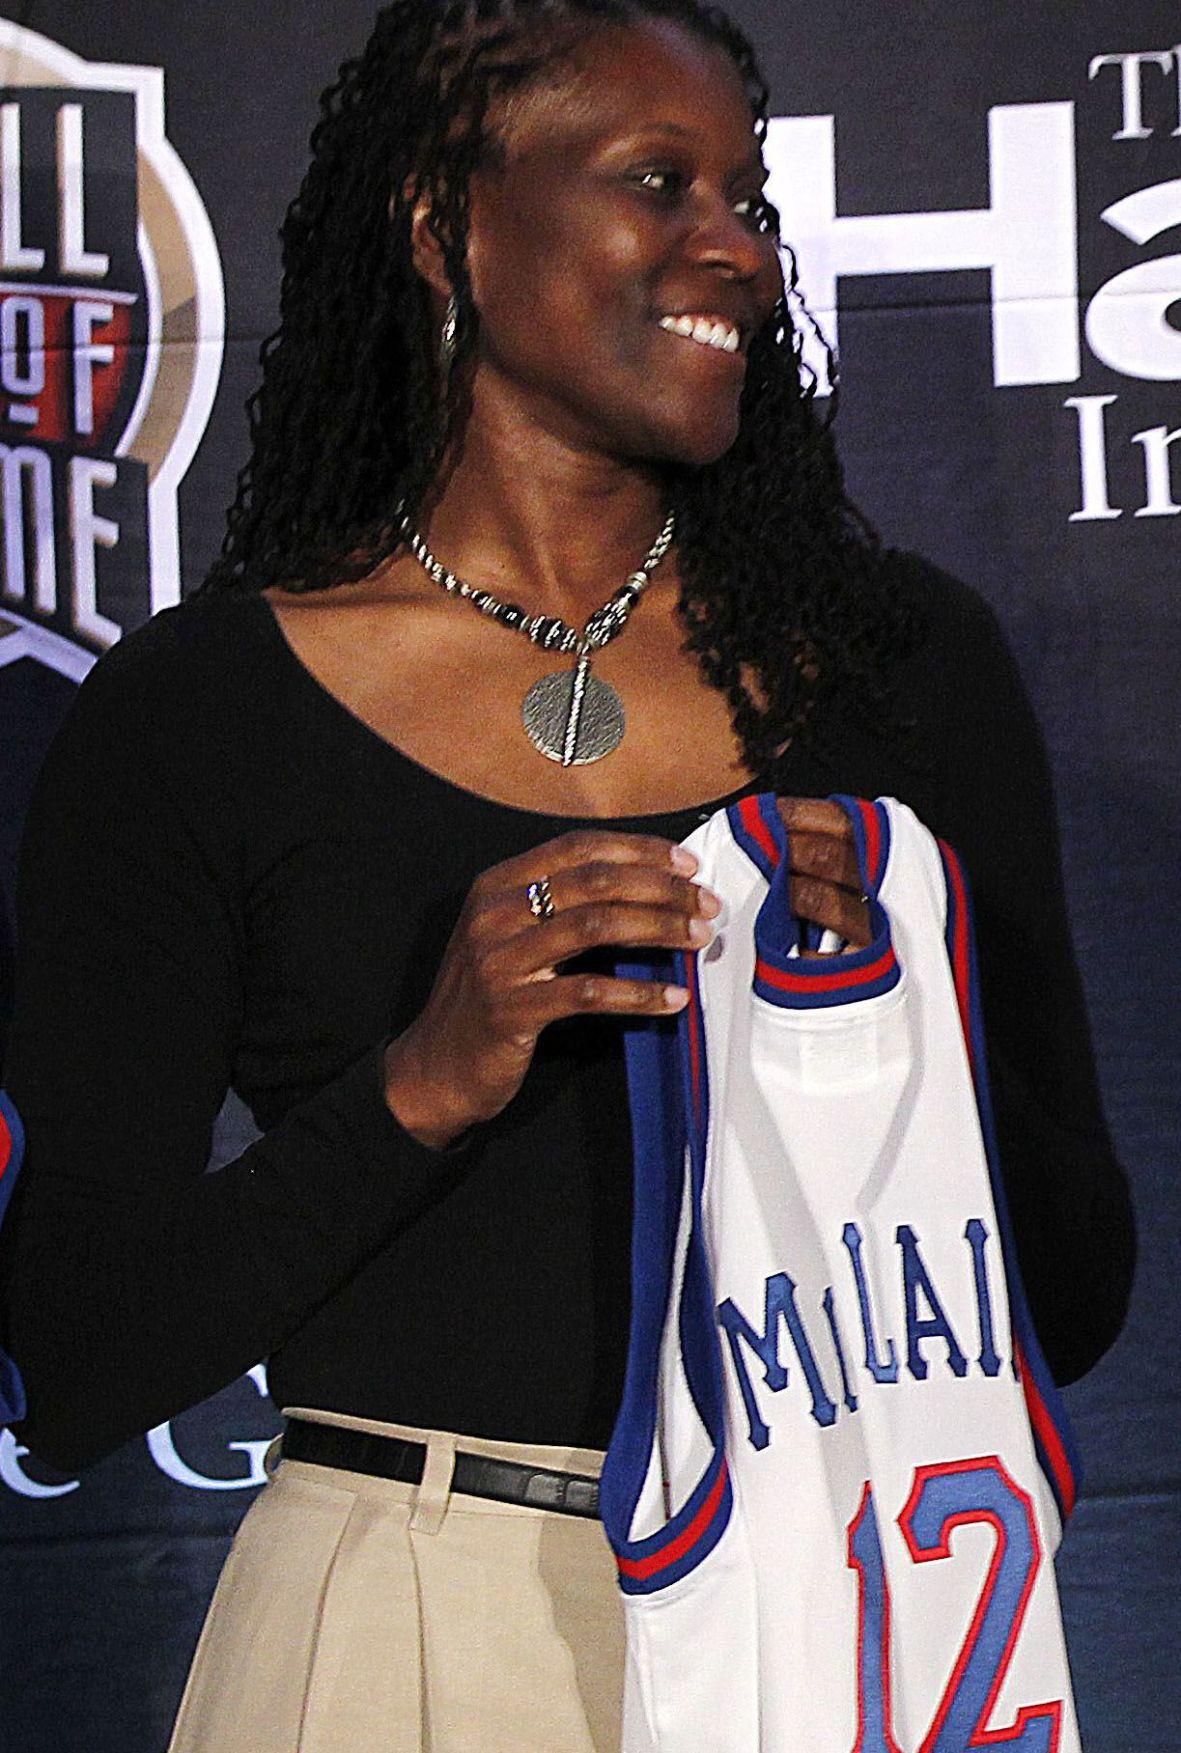 McClain joins Naismith Basketball Hall of Fame